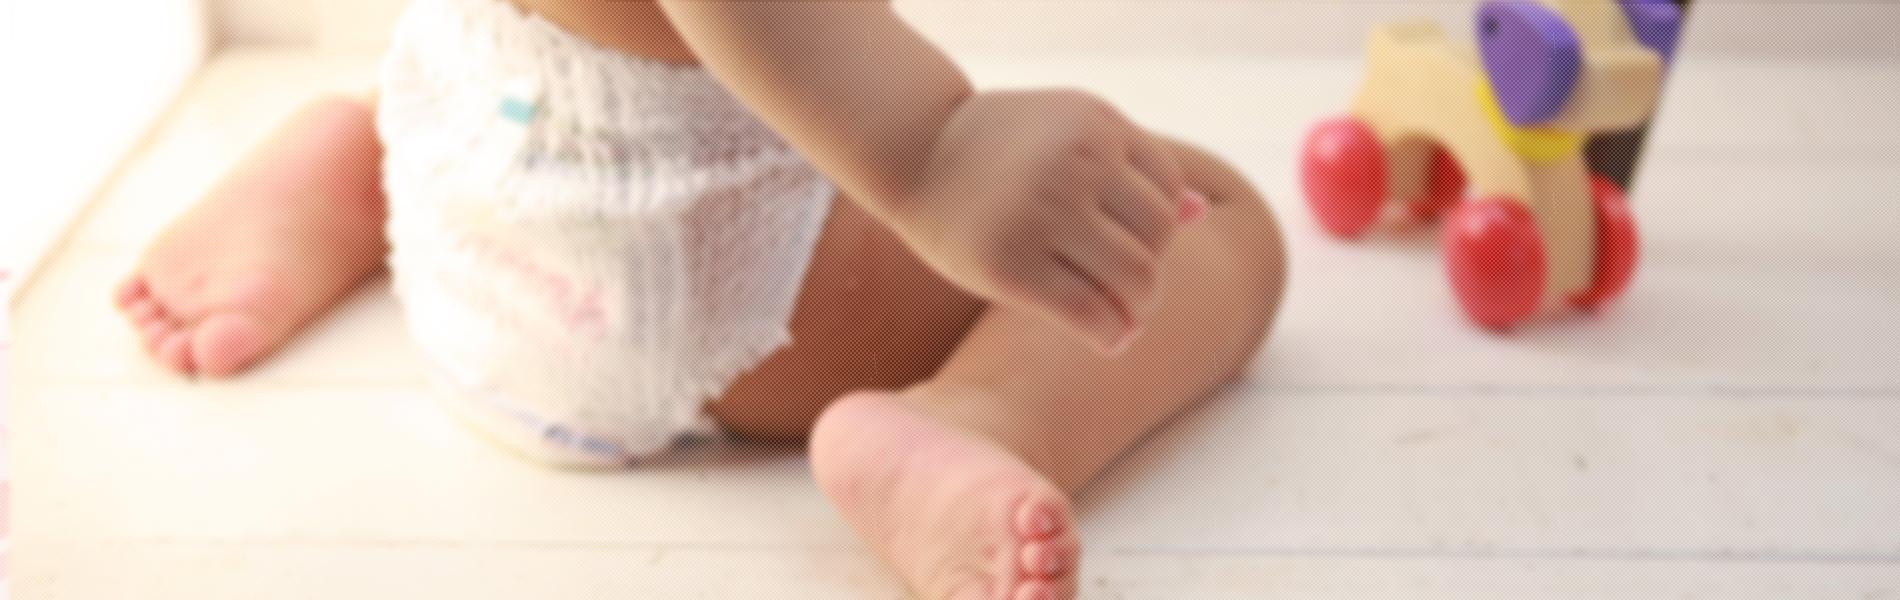 妊婦さんへ【妊娠中の母子感染を防ぐための11か条】